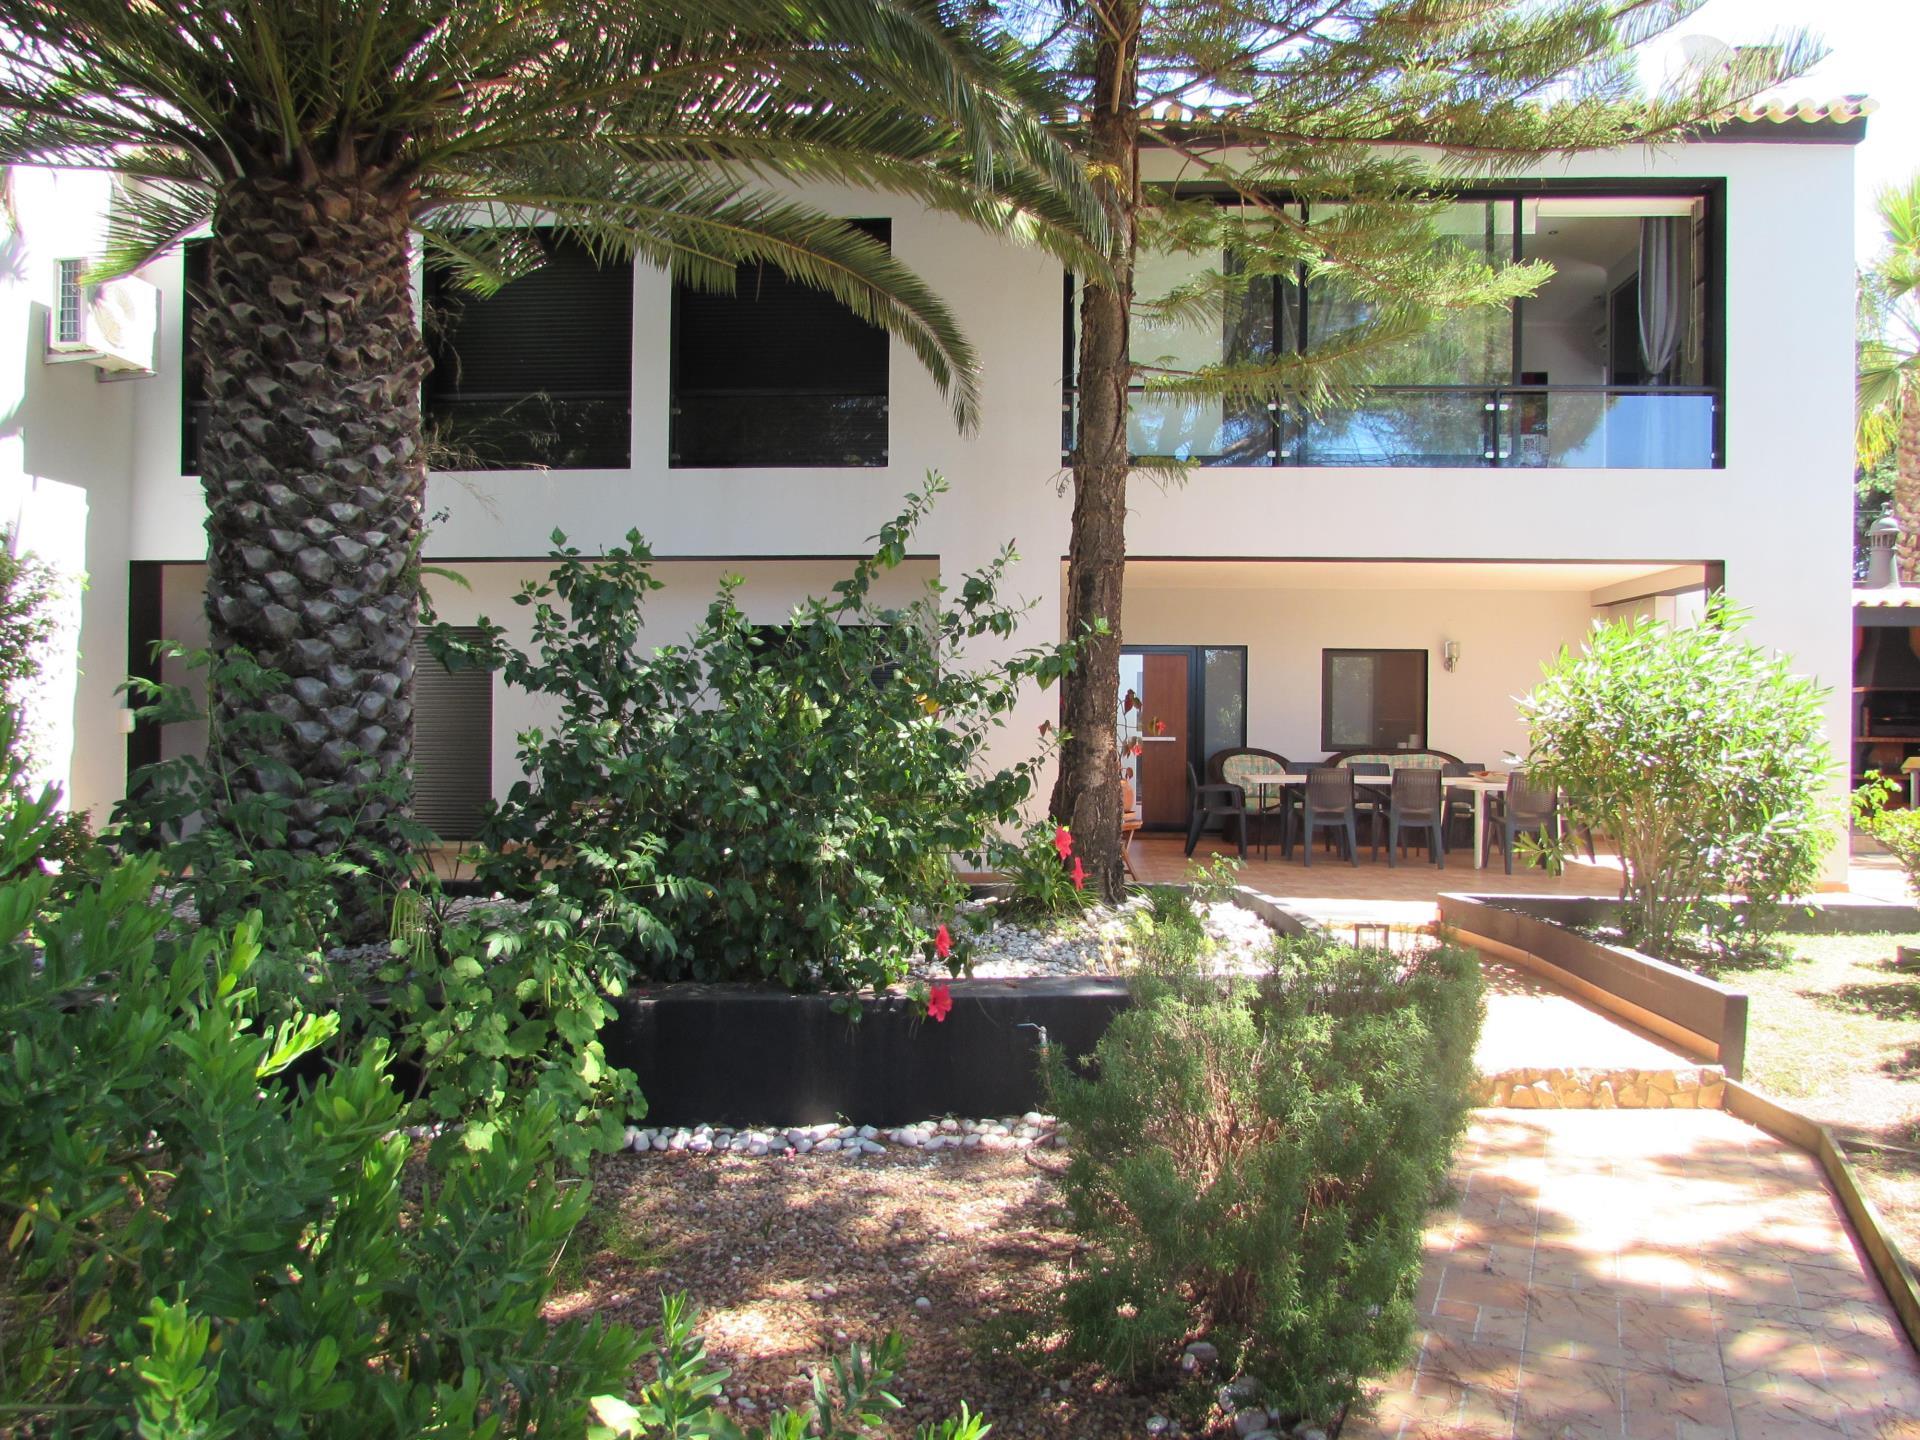 Maison unifamiliale pour l Vente à House, 4 bedrooms, for Sale Silves, Algarve Portugal